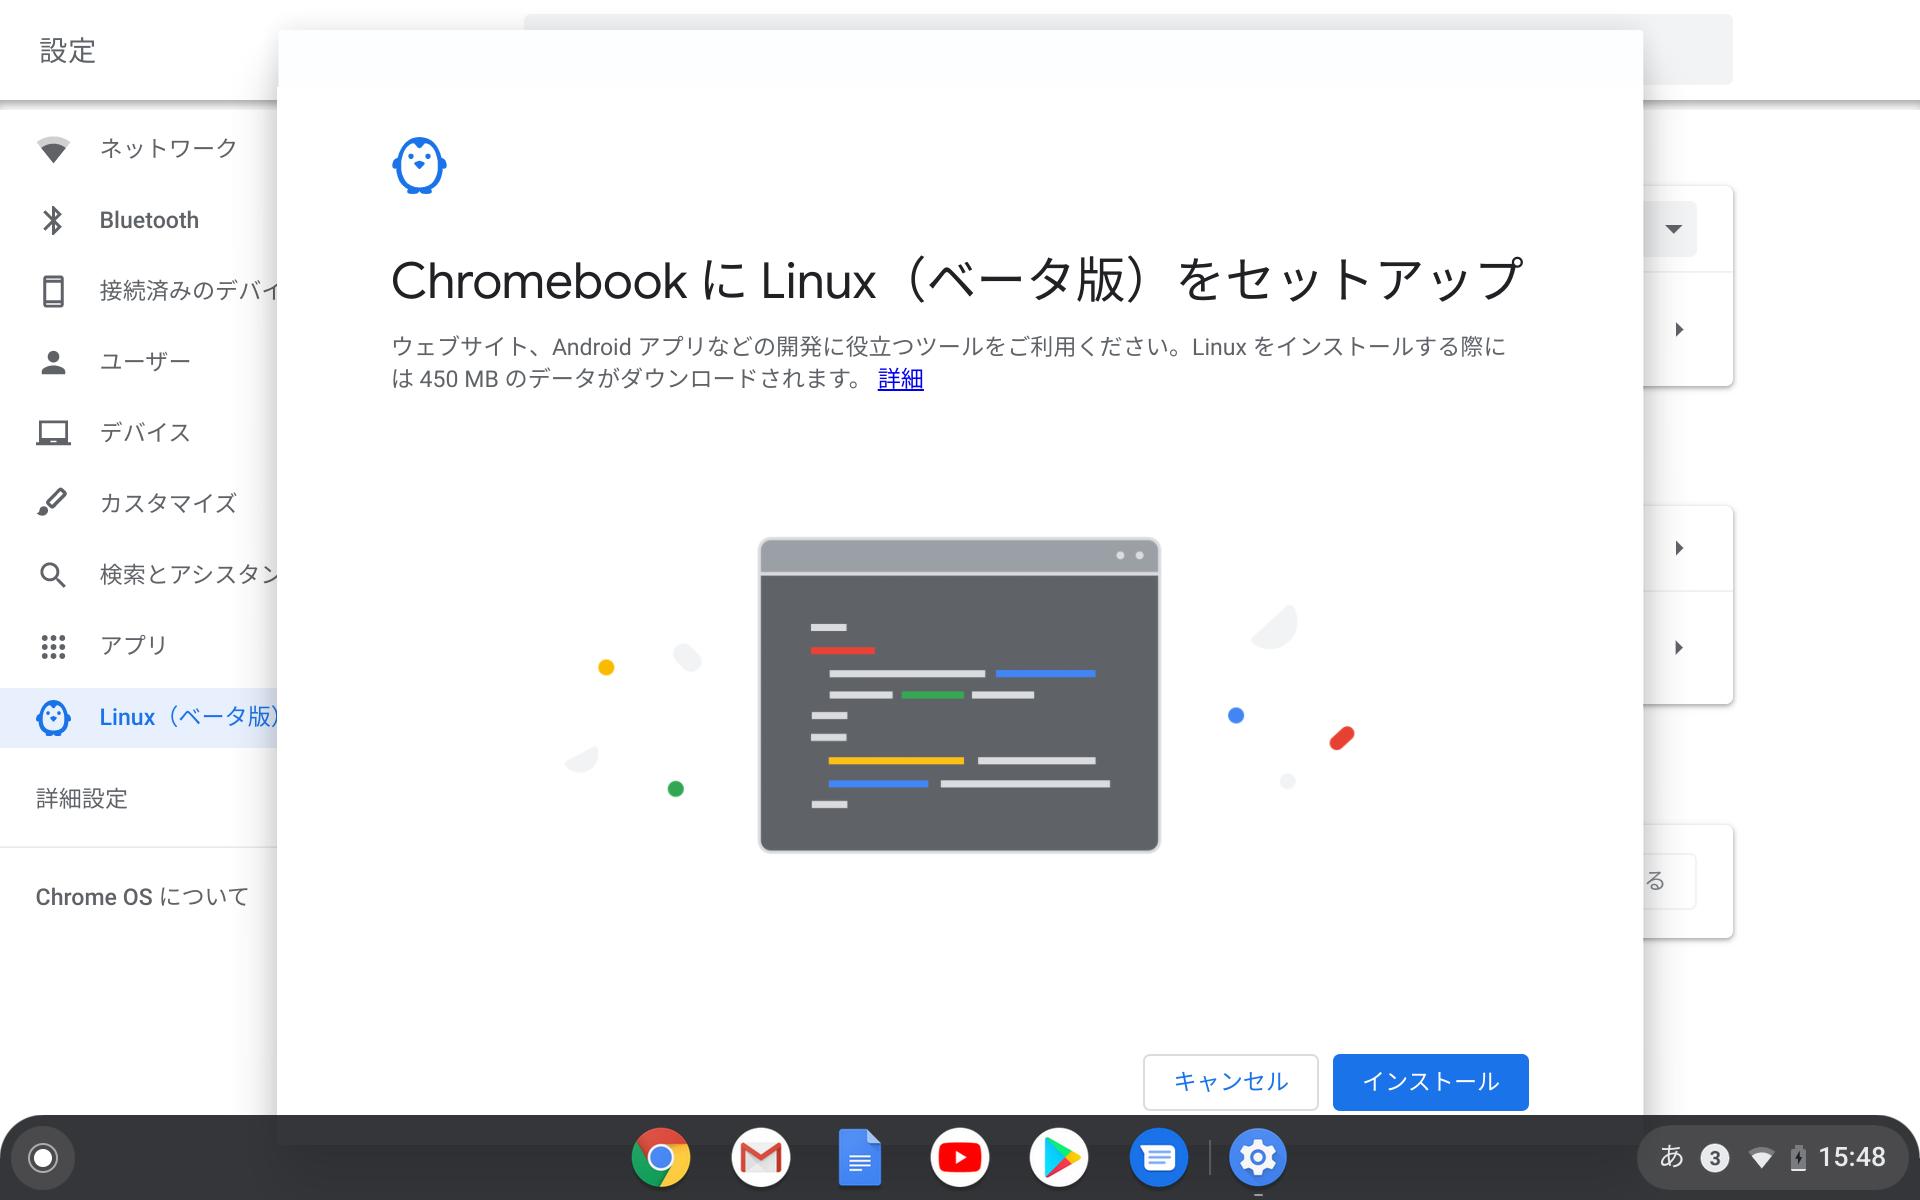 案内に従ってLinuxをインストール